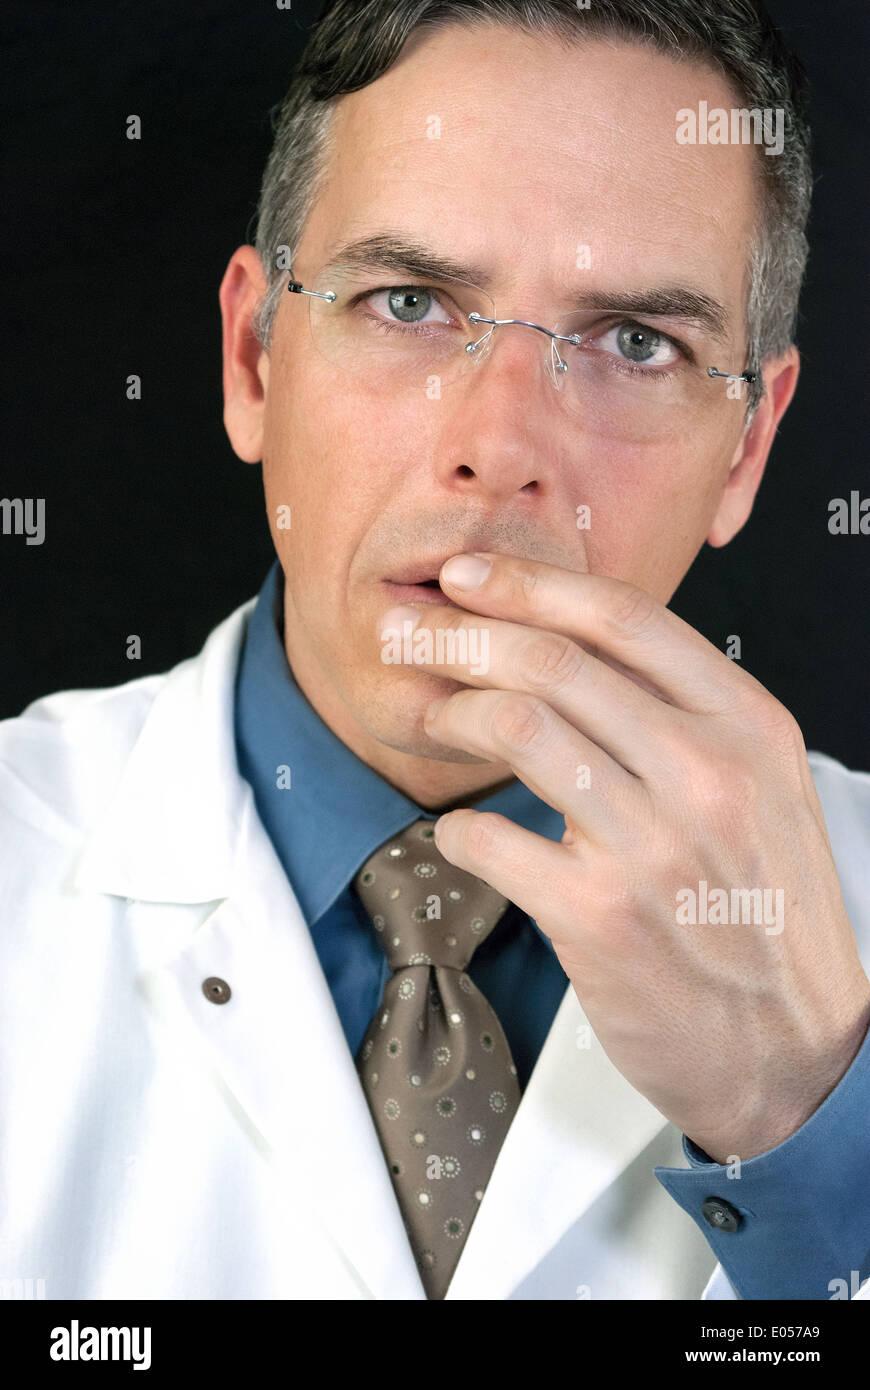 Close-up di un medico in questione. Immagini Stock